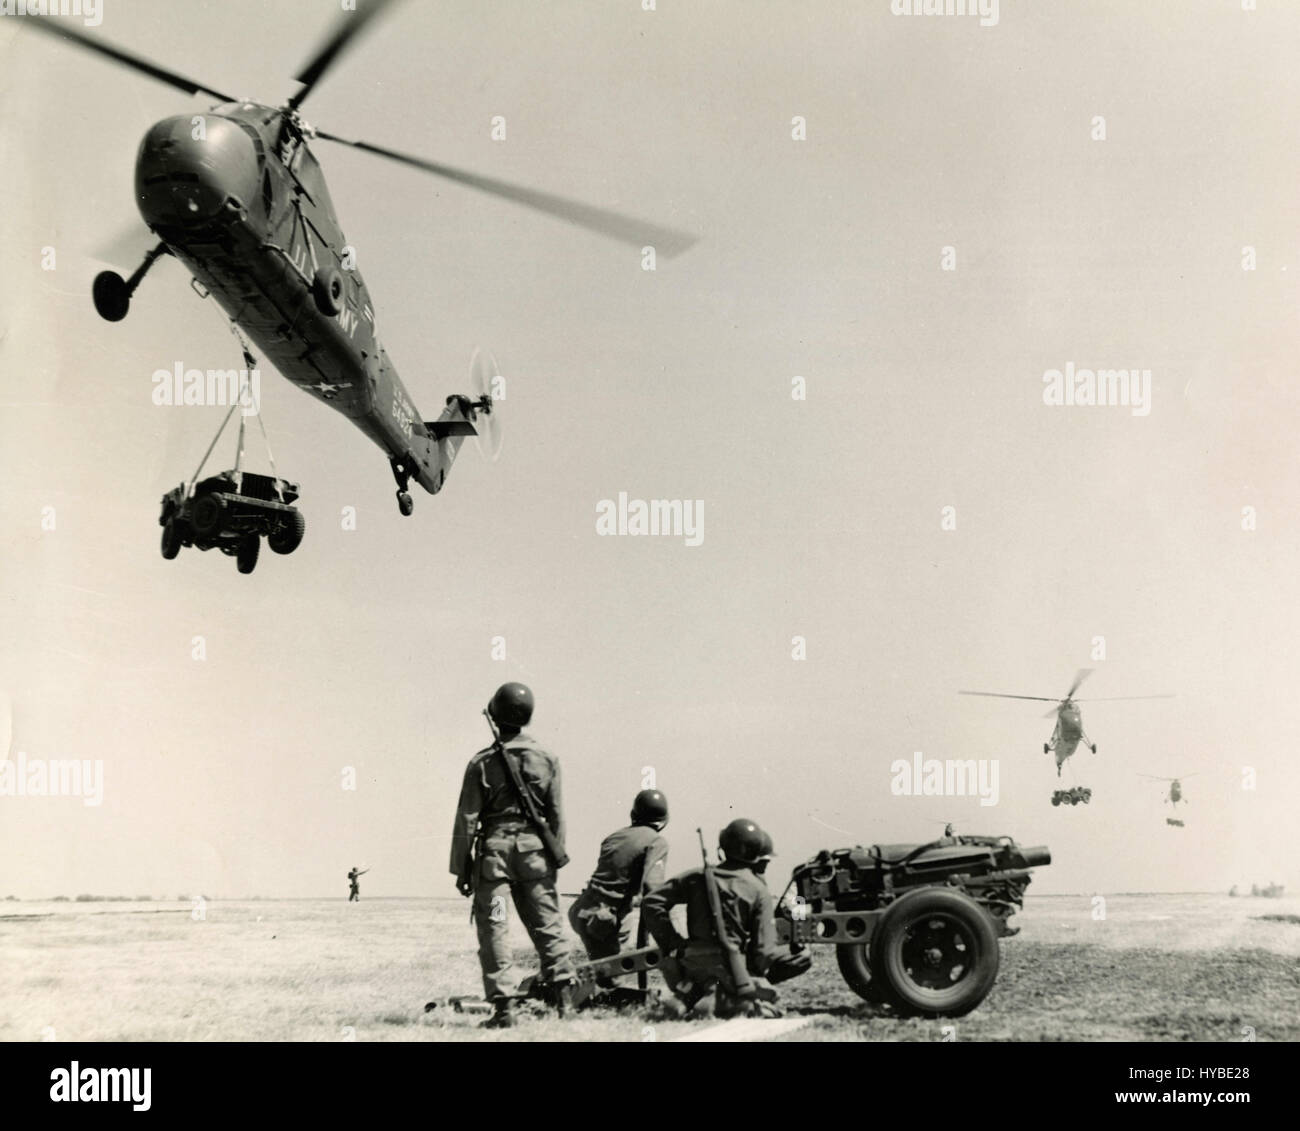 L'entraînement tactique de l'armée américaine avec H-34 hélicoptères, California, Photo Stock